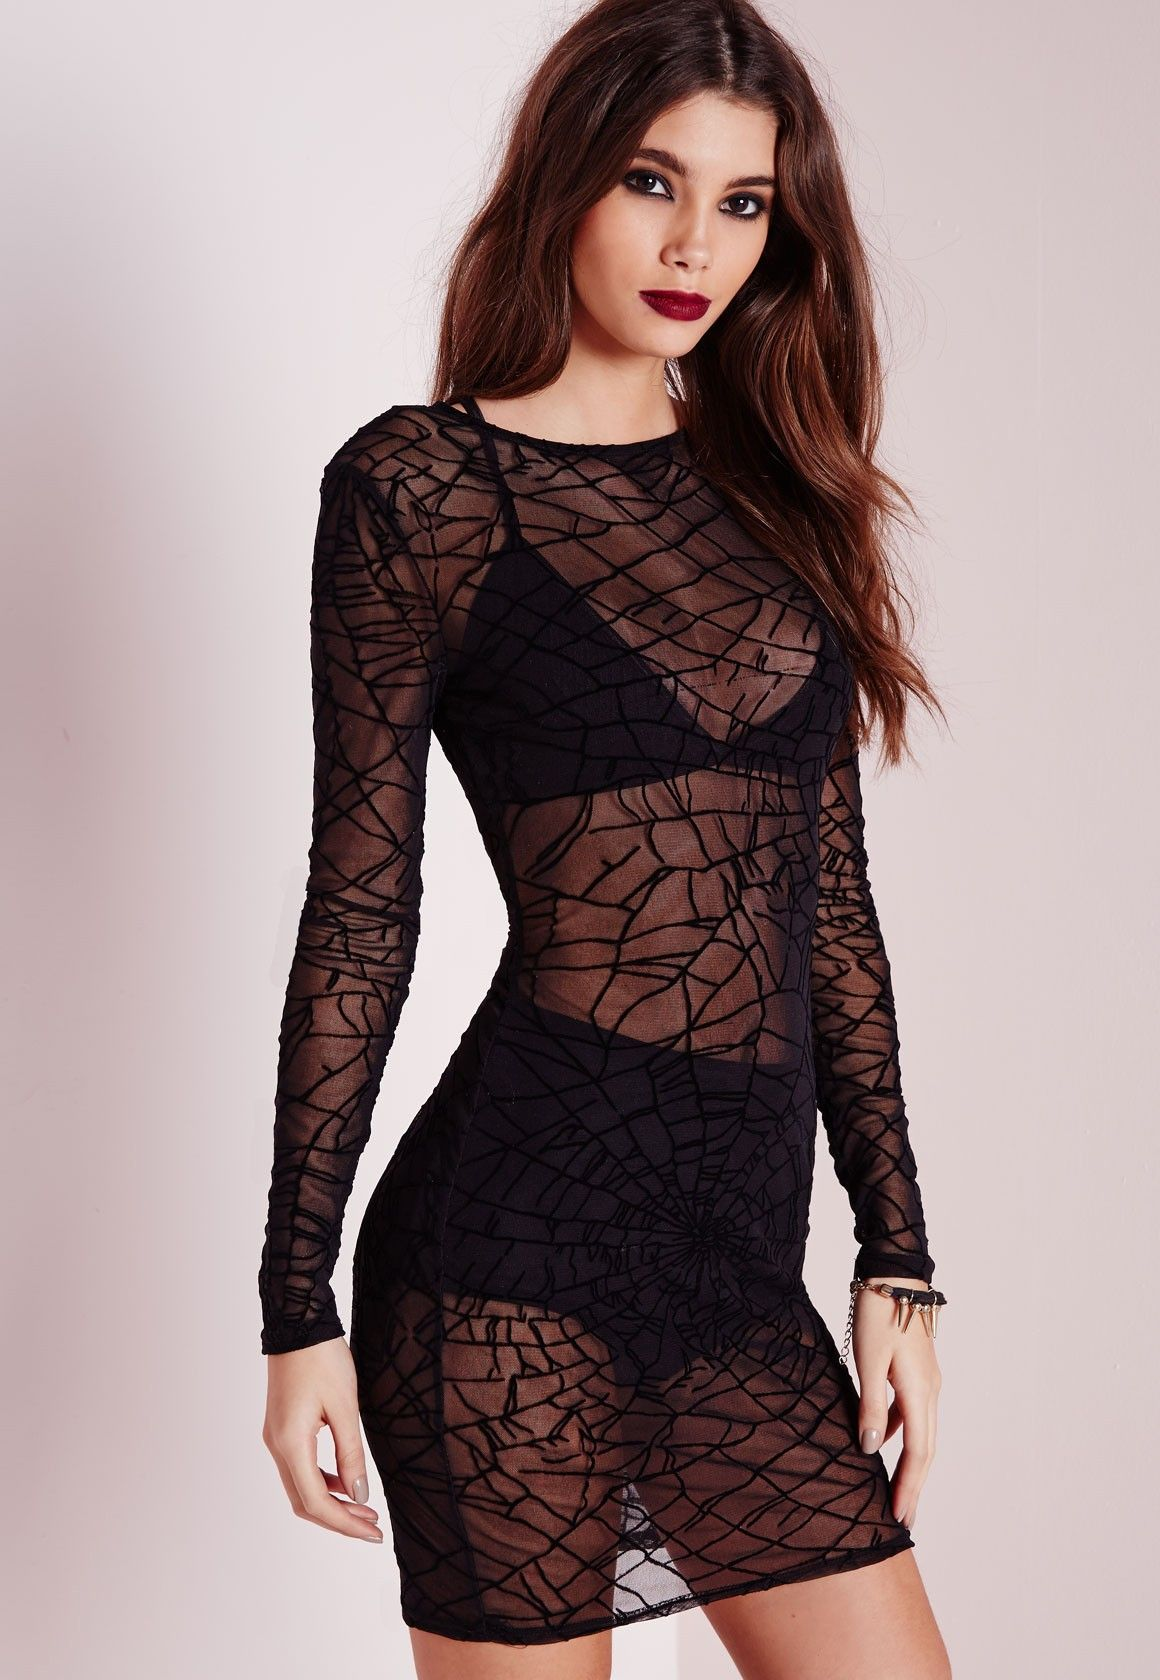 mesh cobweb print bodycon dress black - dresses - mini dresses